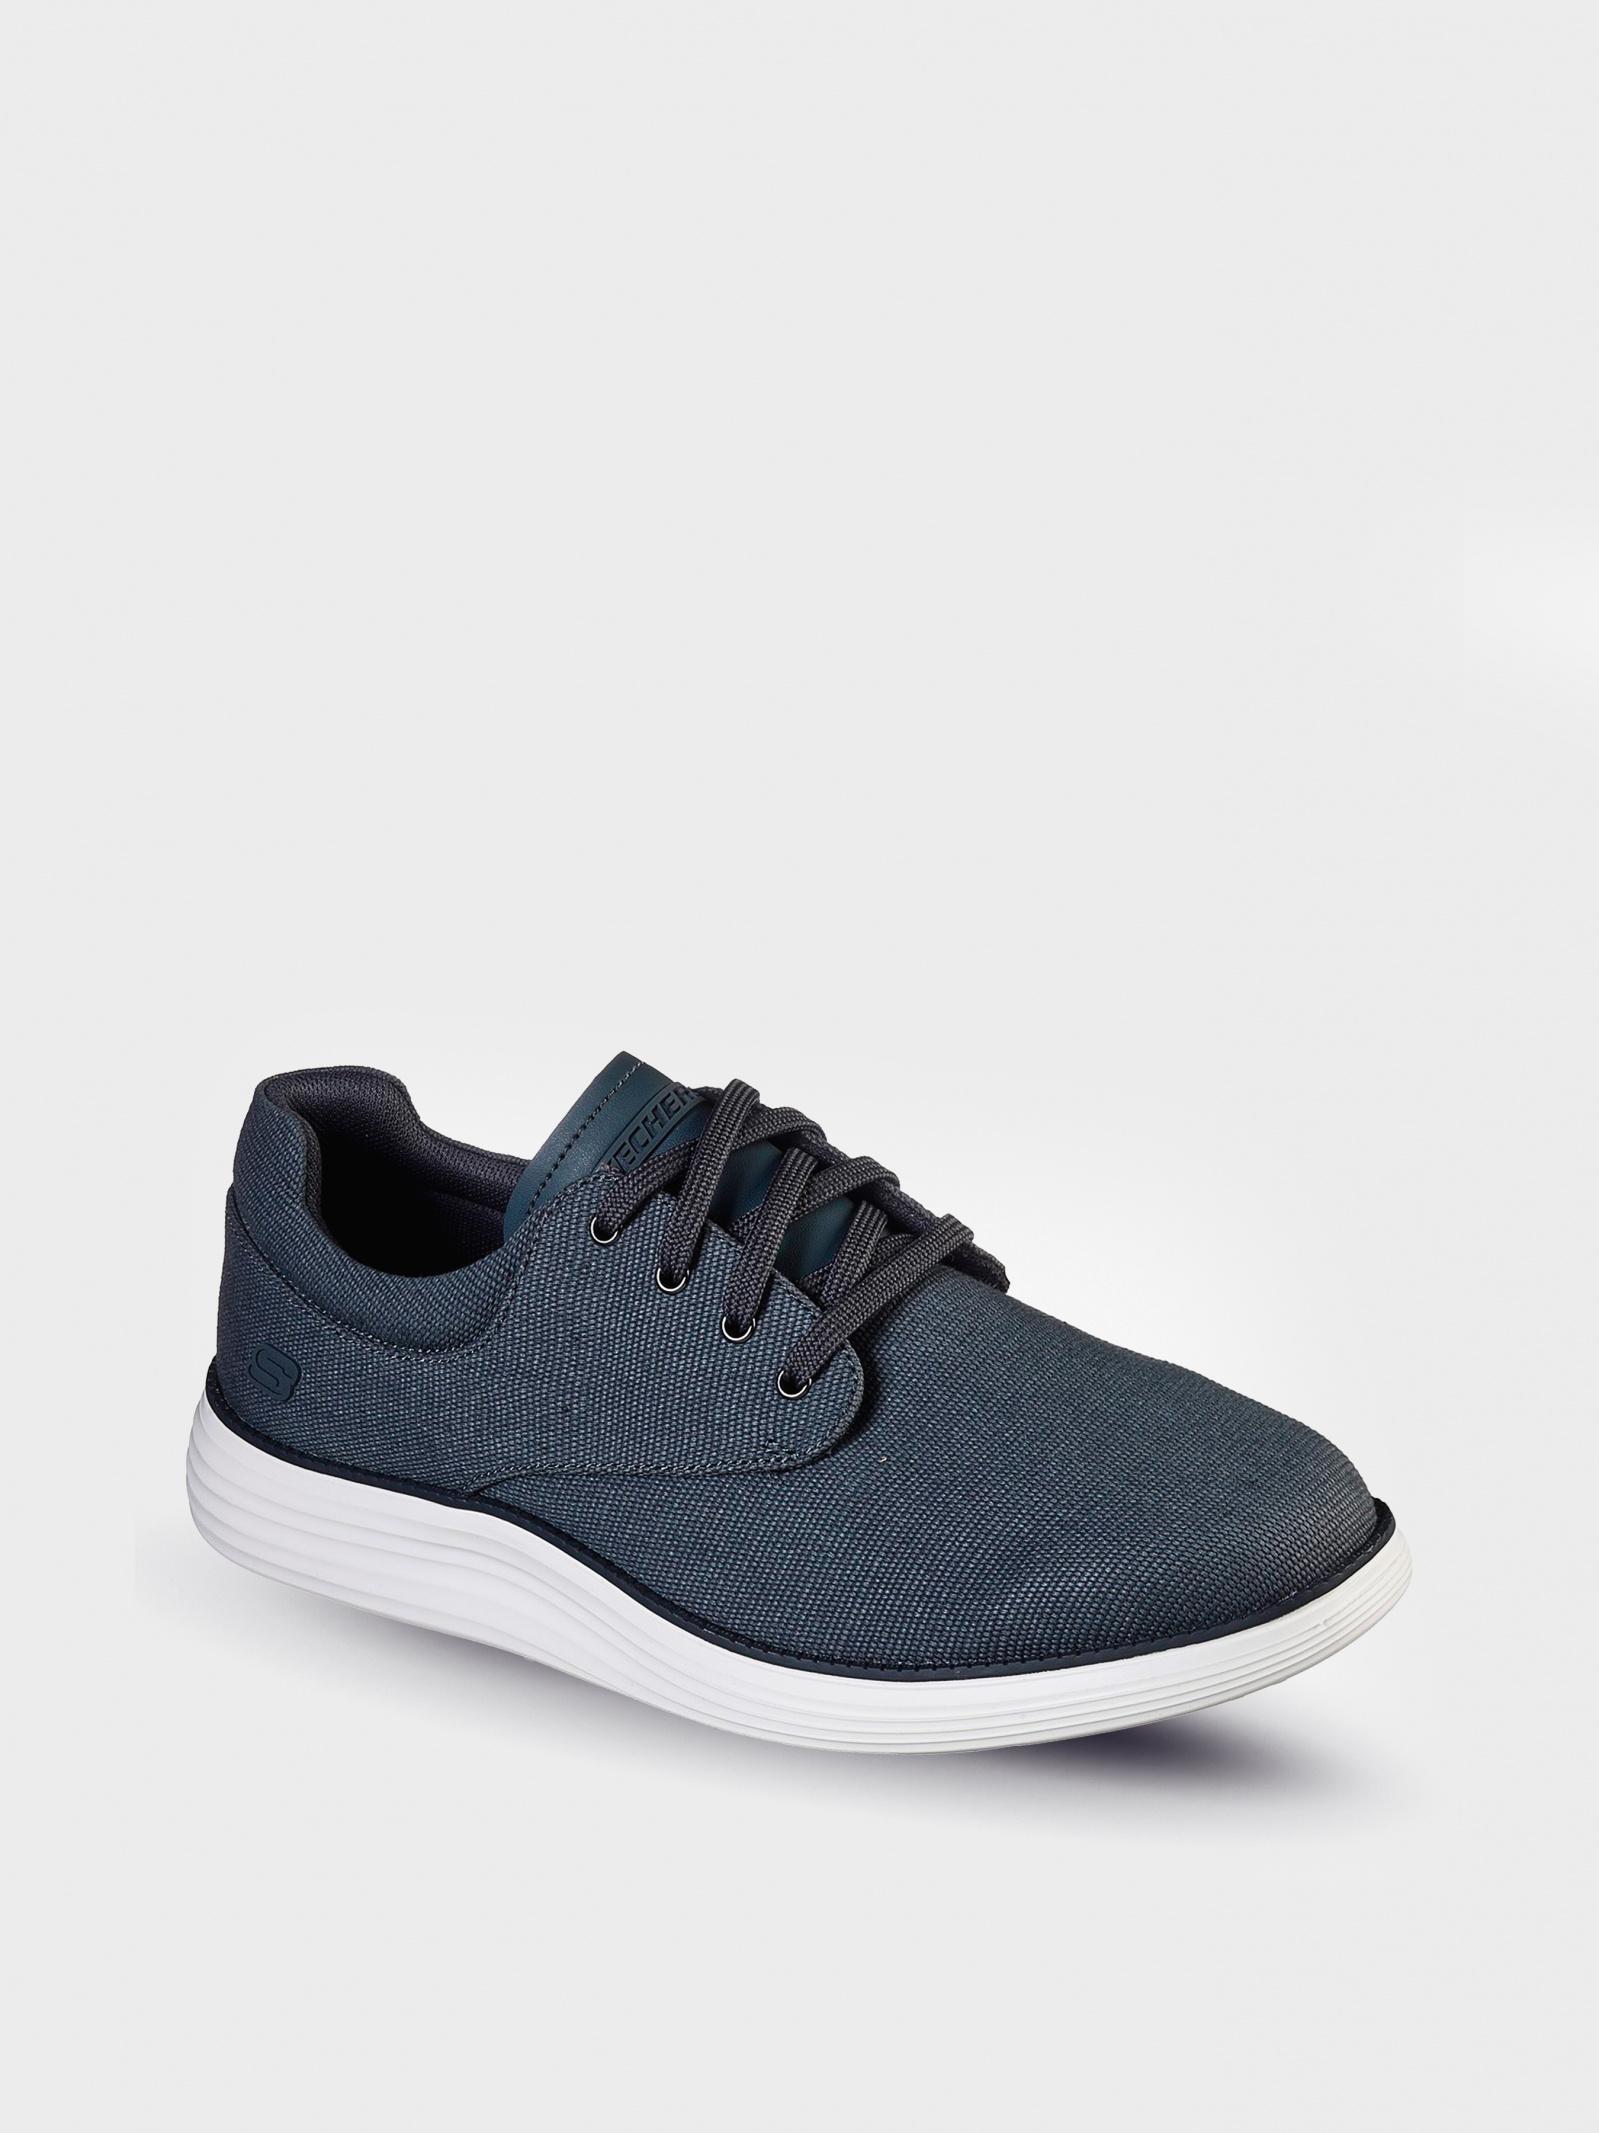 Напівчеревики  для чоловіків Skechers Skechers Mens USA 204083 CHAR взуття бренду, 2017